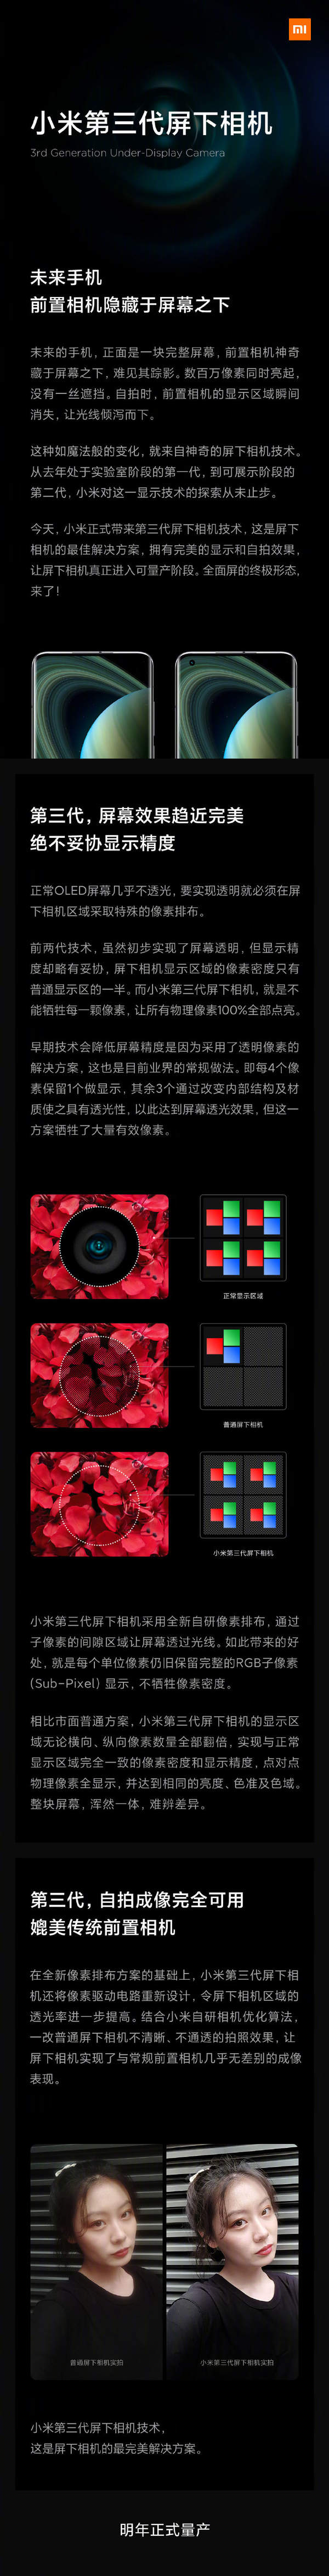 小米第三代屏下相机技术推出:明年正式量产